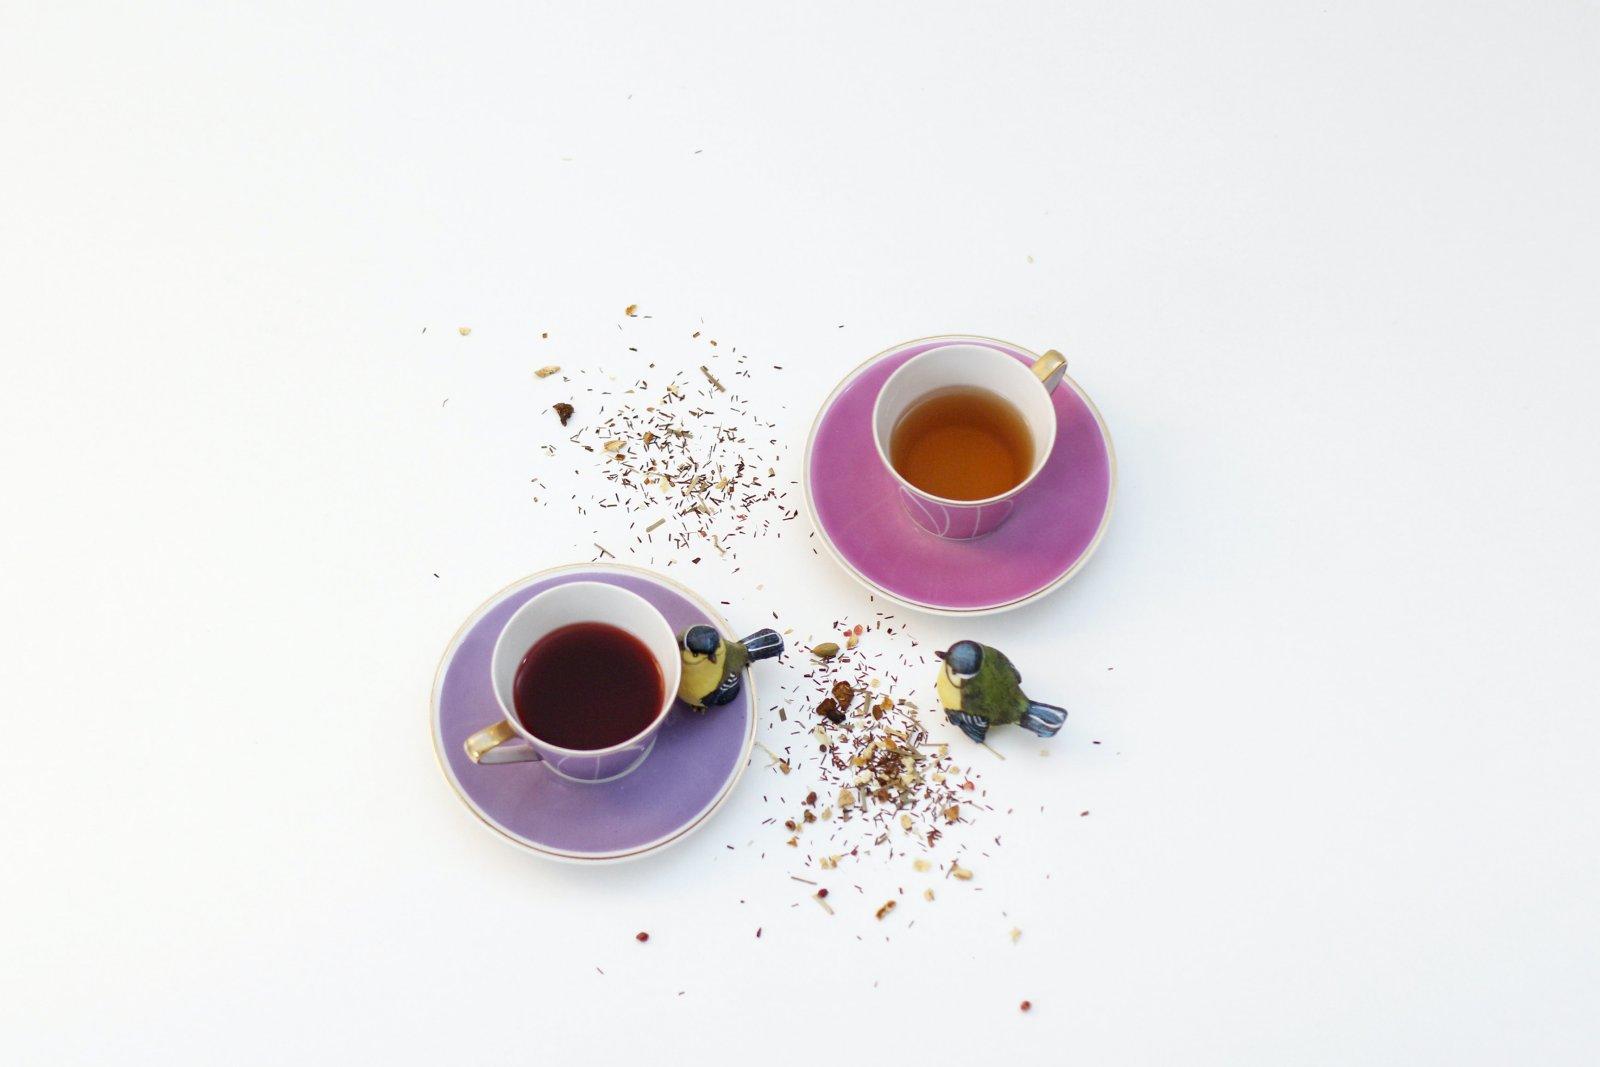 Tee või kohv? Sinu lemmikjook ütleb su kohta nii mõndagi huvitavat